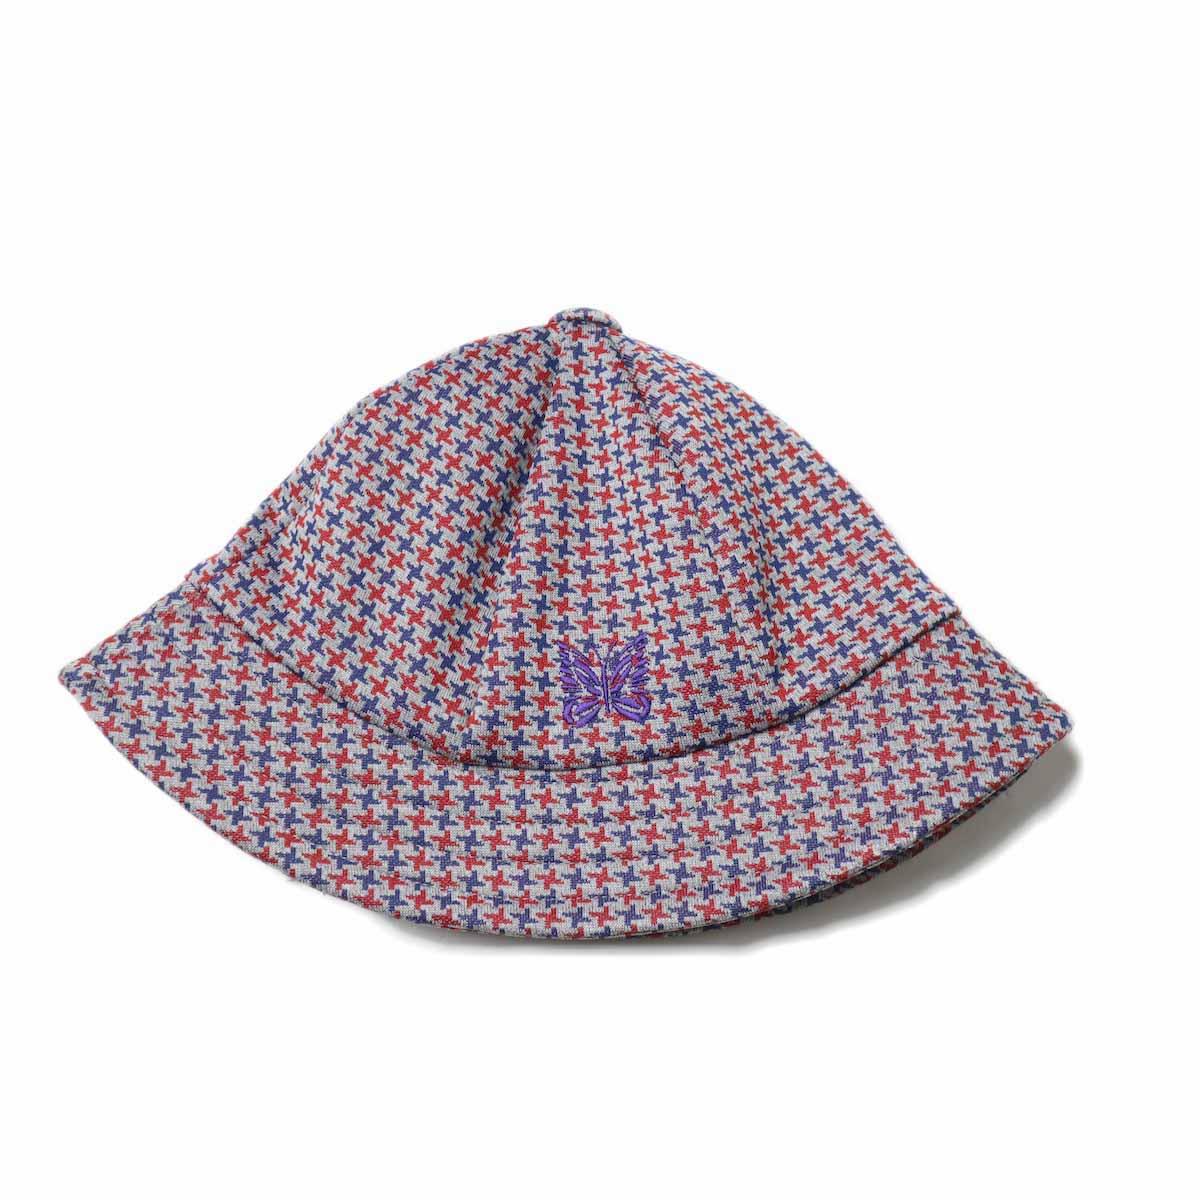 Needles / Bermuda Hat -Poly Jq. (Windmill)